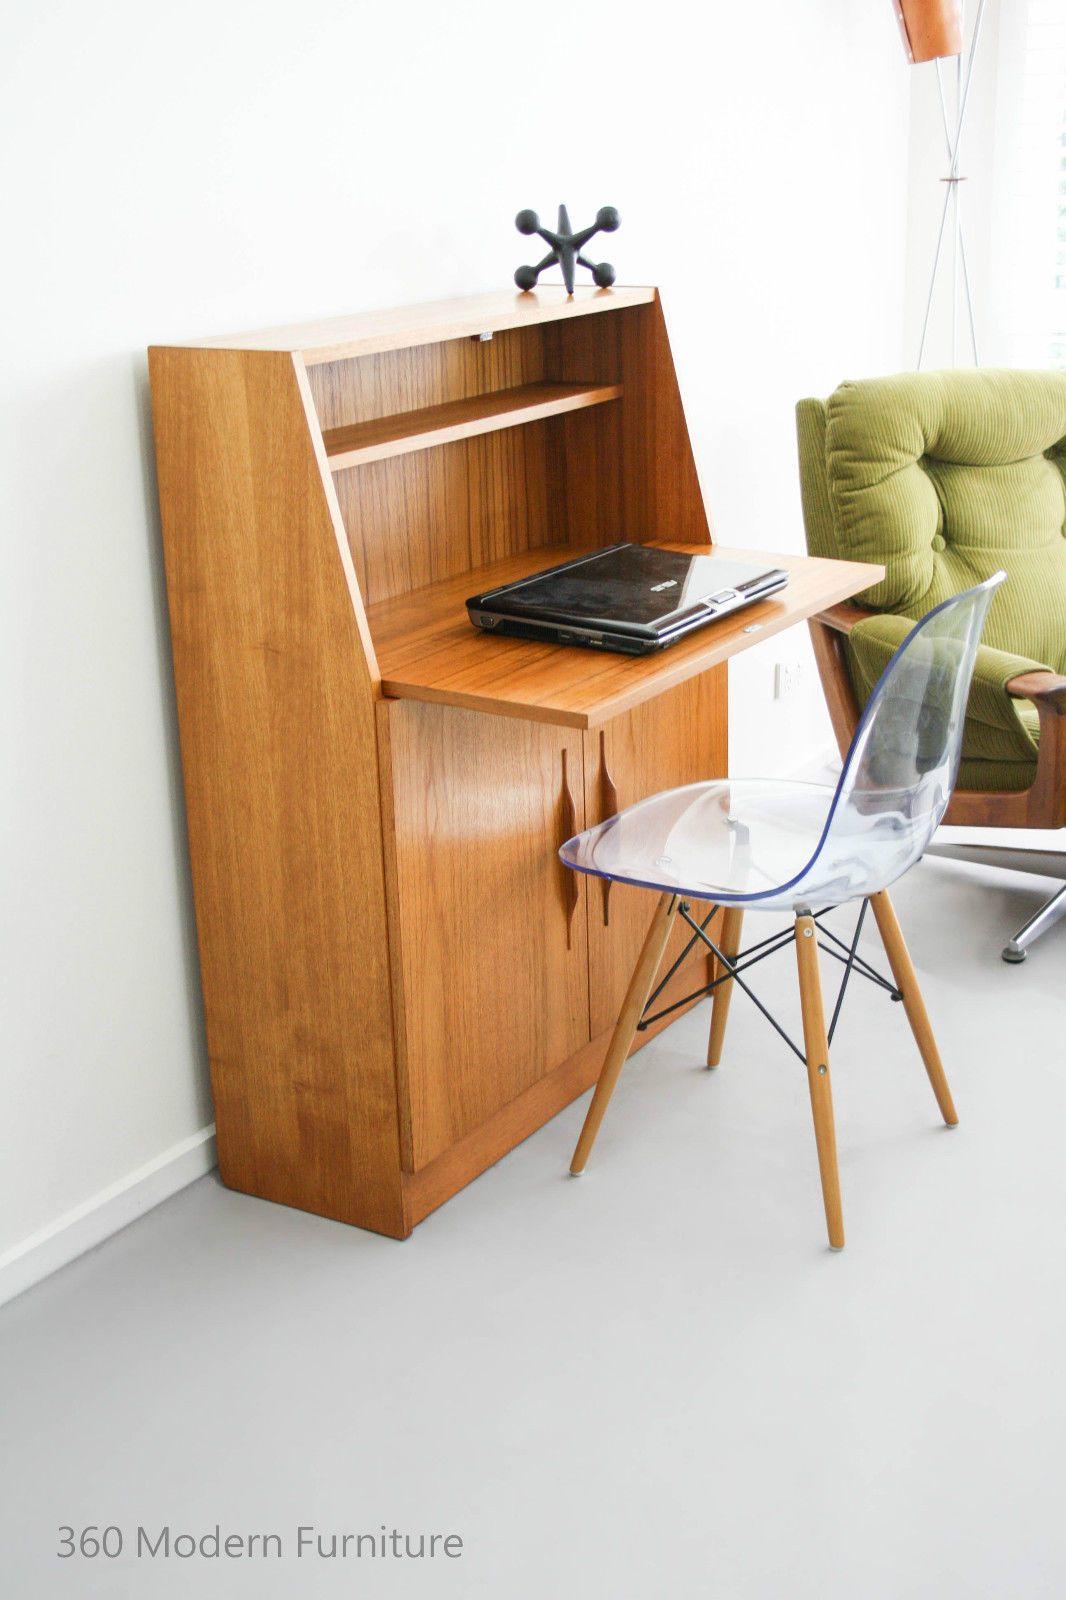 Mid Century Macrob Teak Vintage Retro Desk Study Hall Table